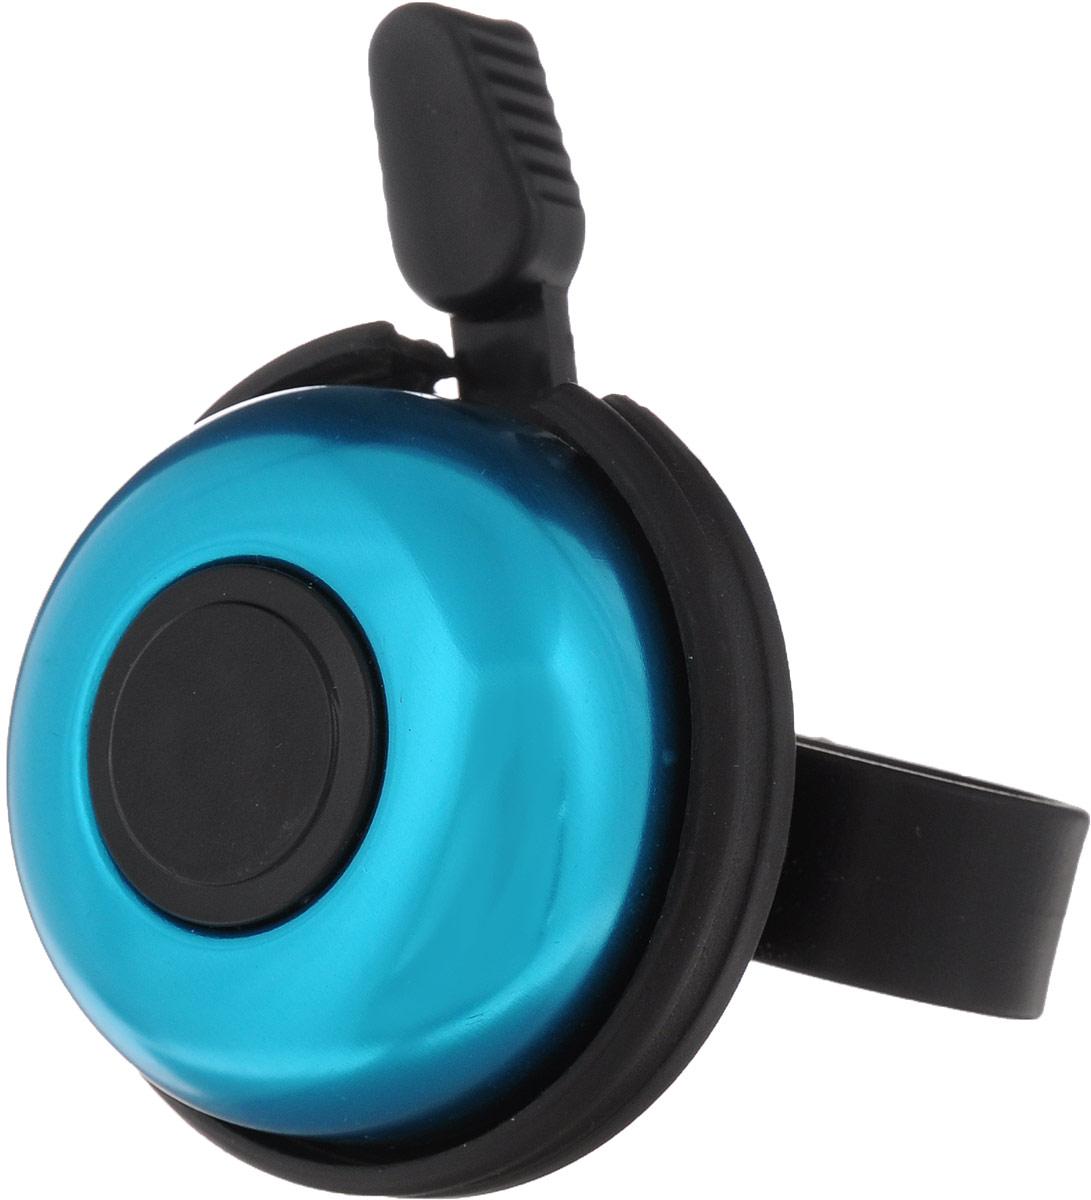 Звонок велосипедный Cyclotech, цвет: синий, черныйCR-1BЗвонок Cyclotech крепится на руле велосипеда и позволяет привлечь внимание в опасных ситуациях. Он выполнен из высокопрочных материалов, долговечен в использовании. Основным его назначением является предотвращения столкновения, как на дорогах общего пользования, так и на тротуарах. Диаметр звонка: 5,5 см.